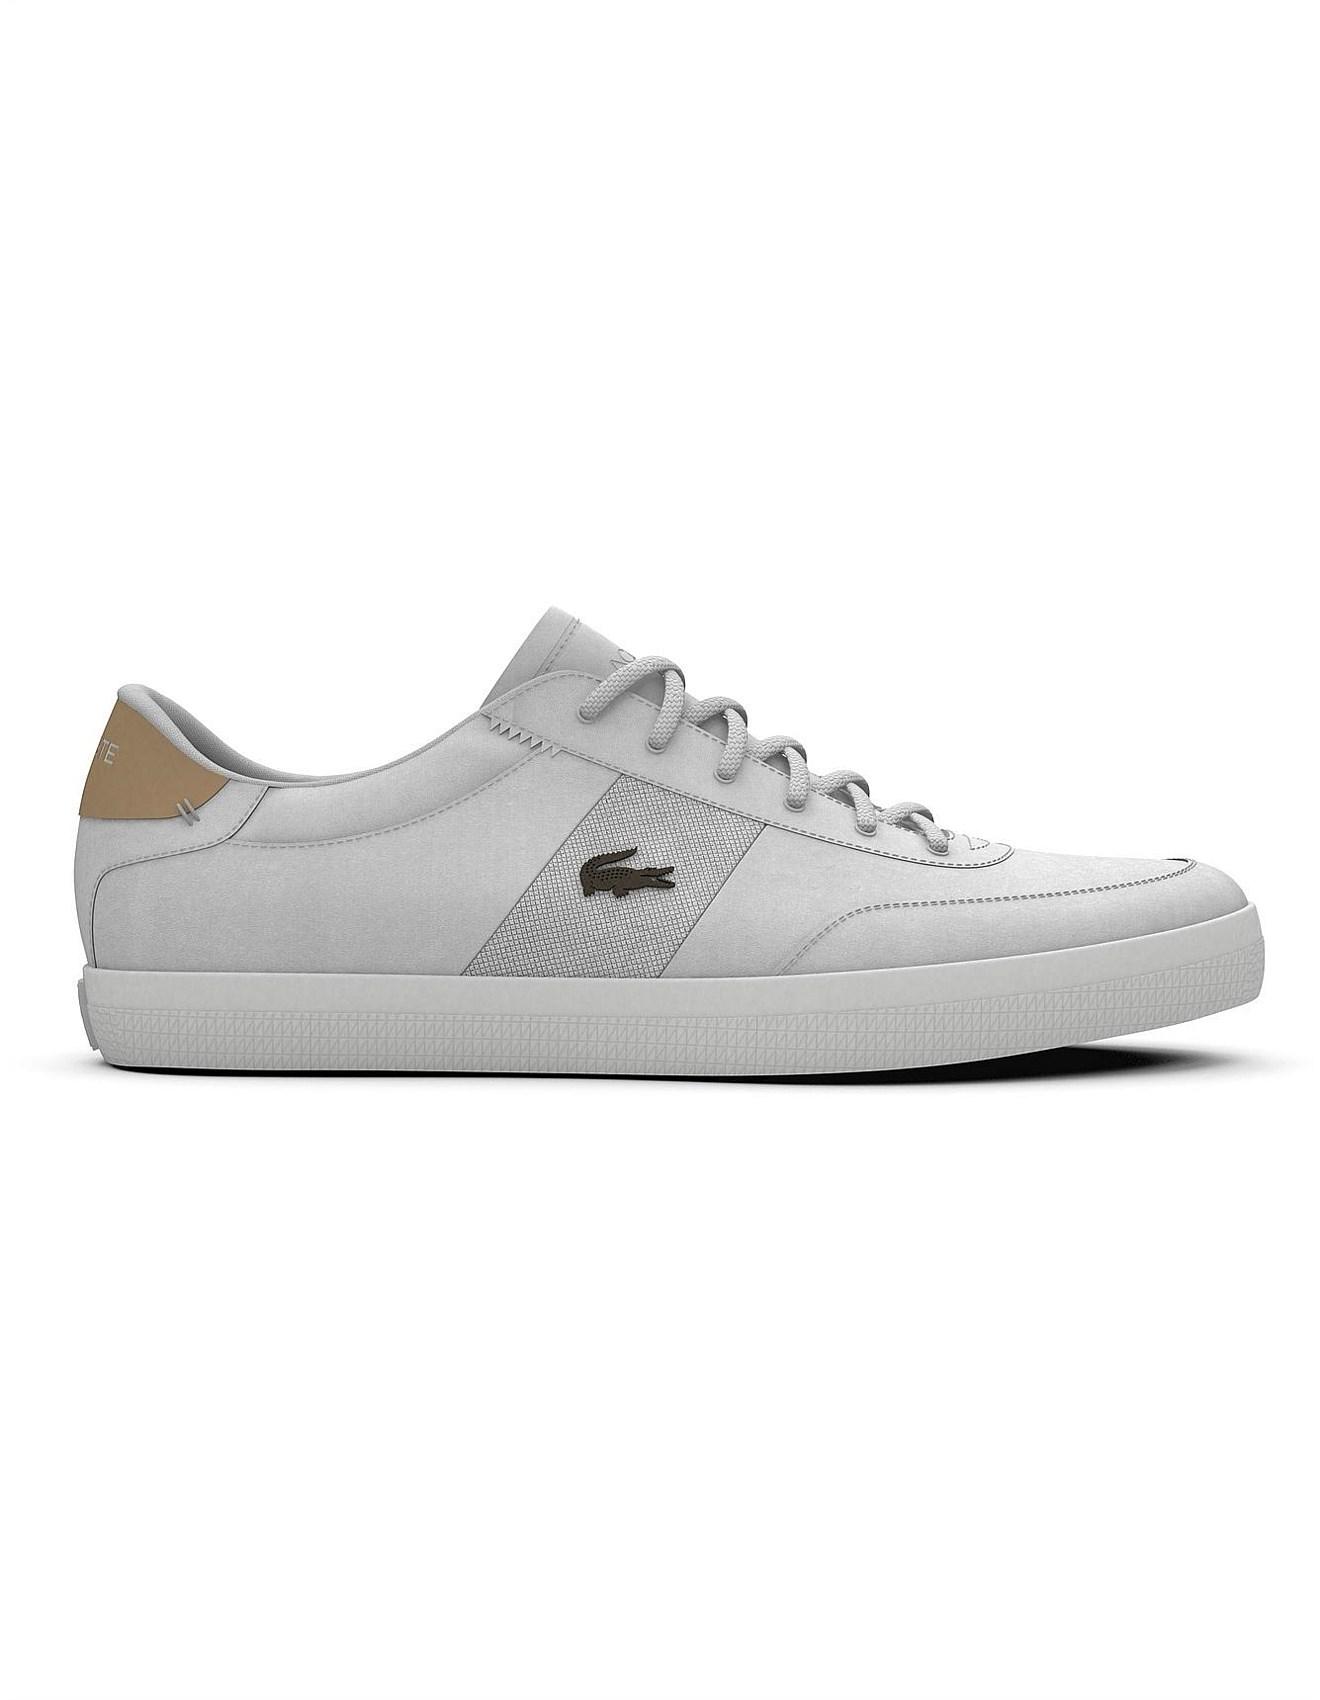 7fa2186e4 Shoes - COURT-MASTER 119 3 CMA OFF WHT/LT TAN